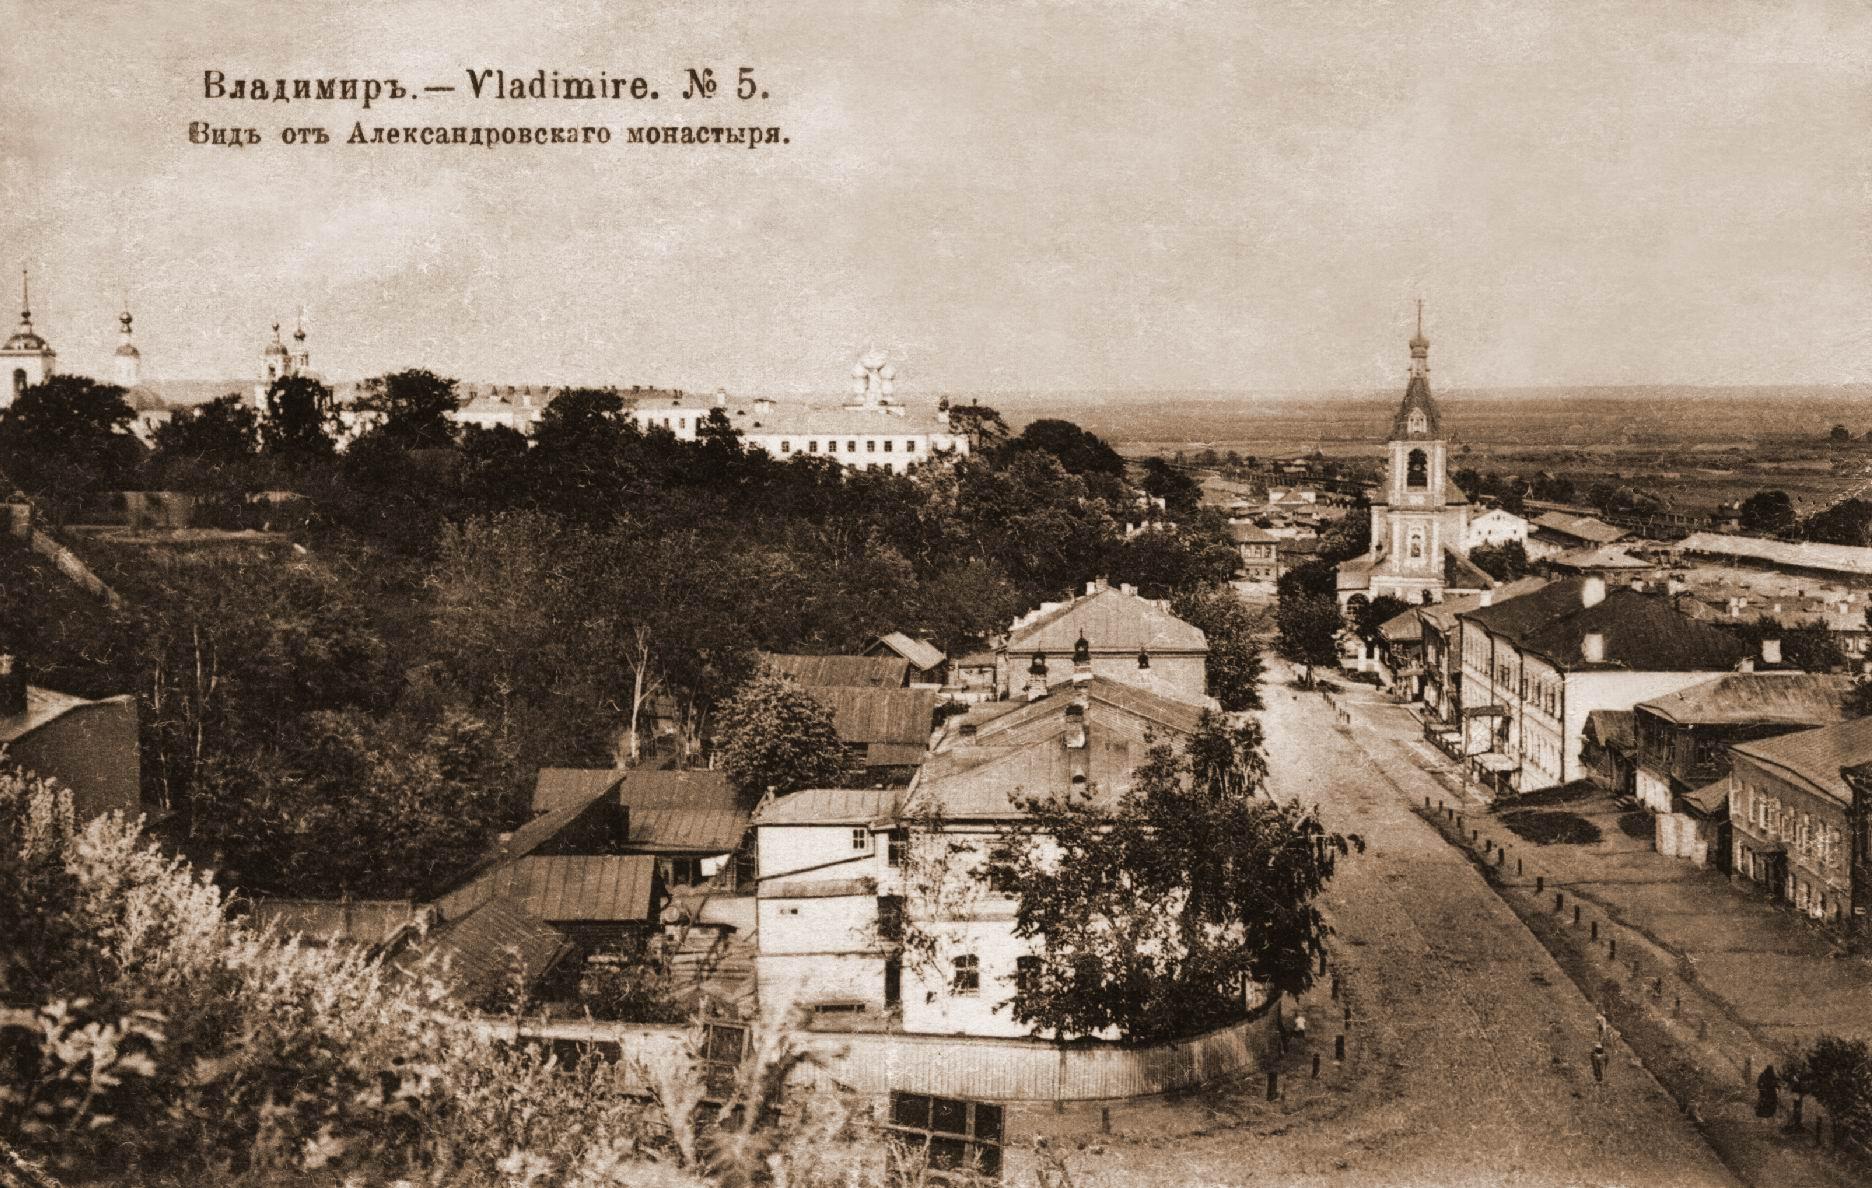 Вид от Александровского монастыря